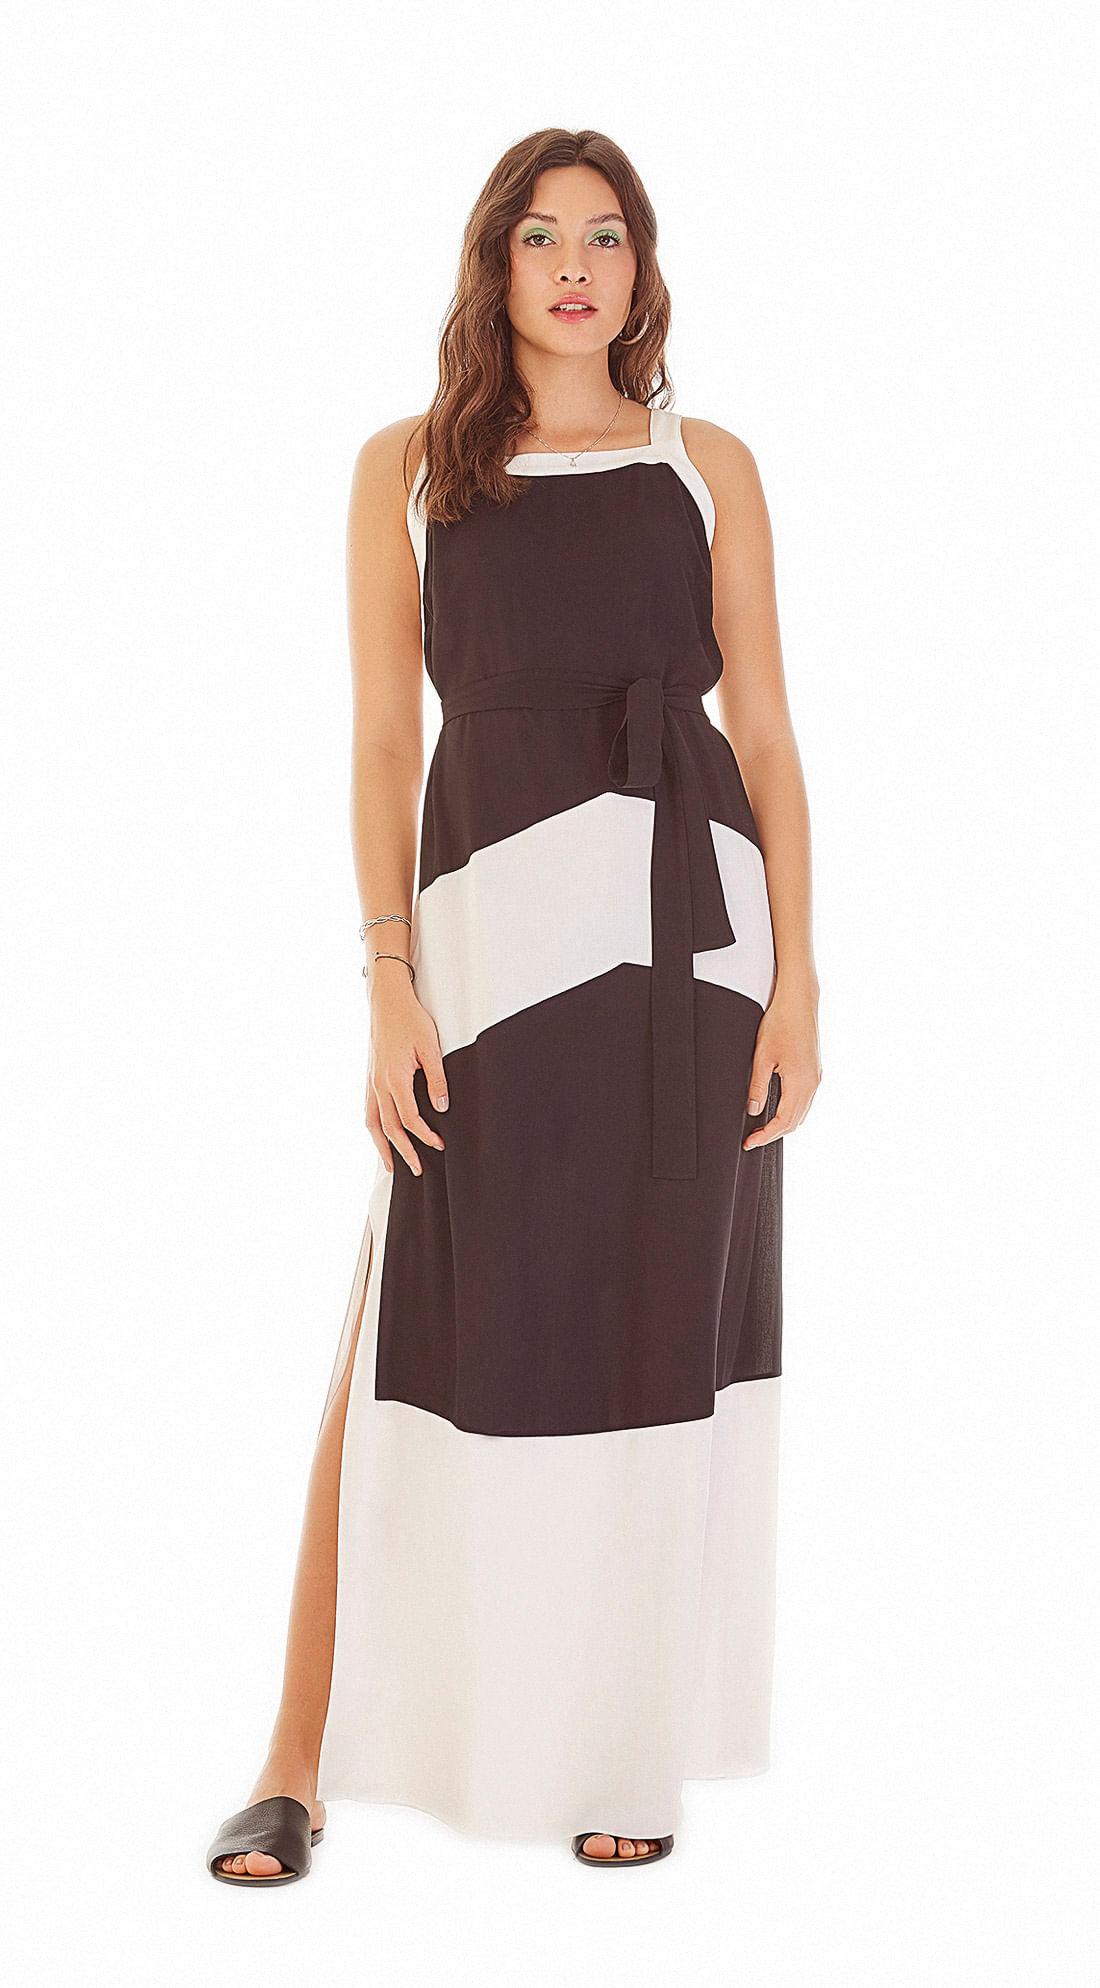 f130b2774 Vestido Longo Decote Quadrado Compose De Tecidos Preto - Zinco